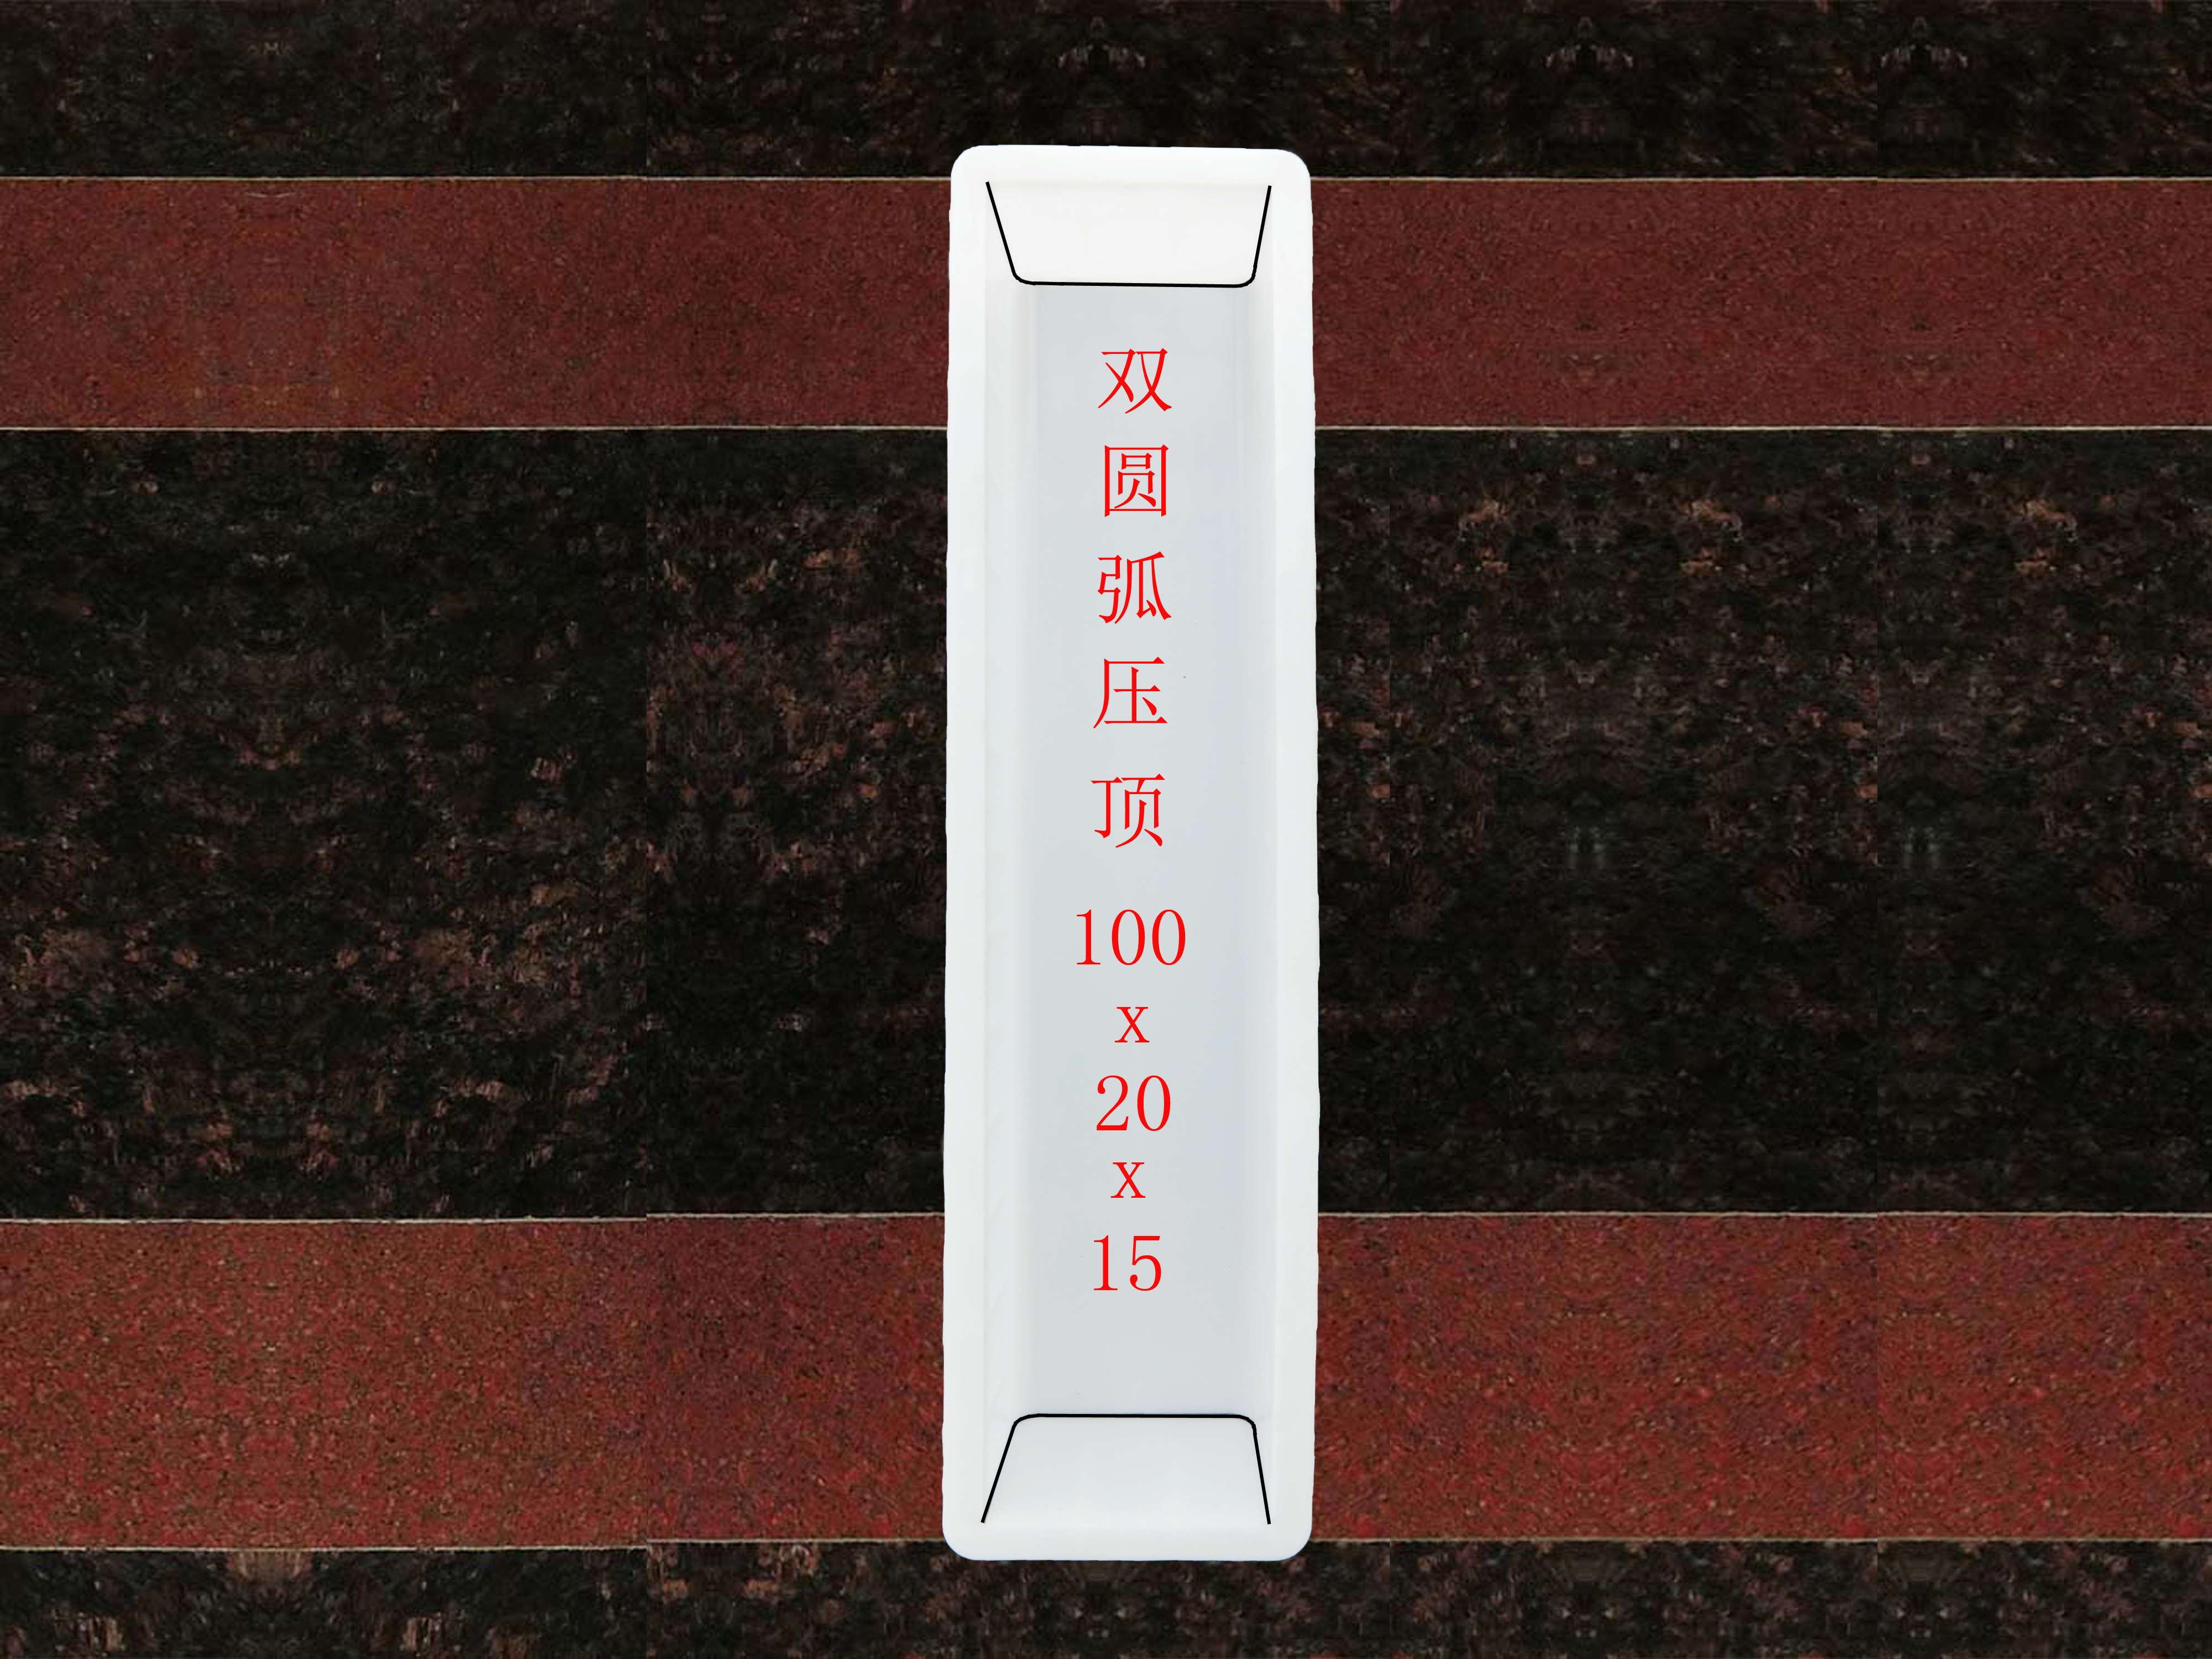 双圆弧压顶:100x20x15